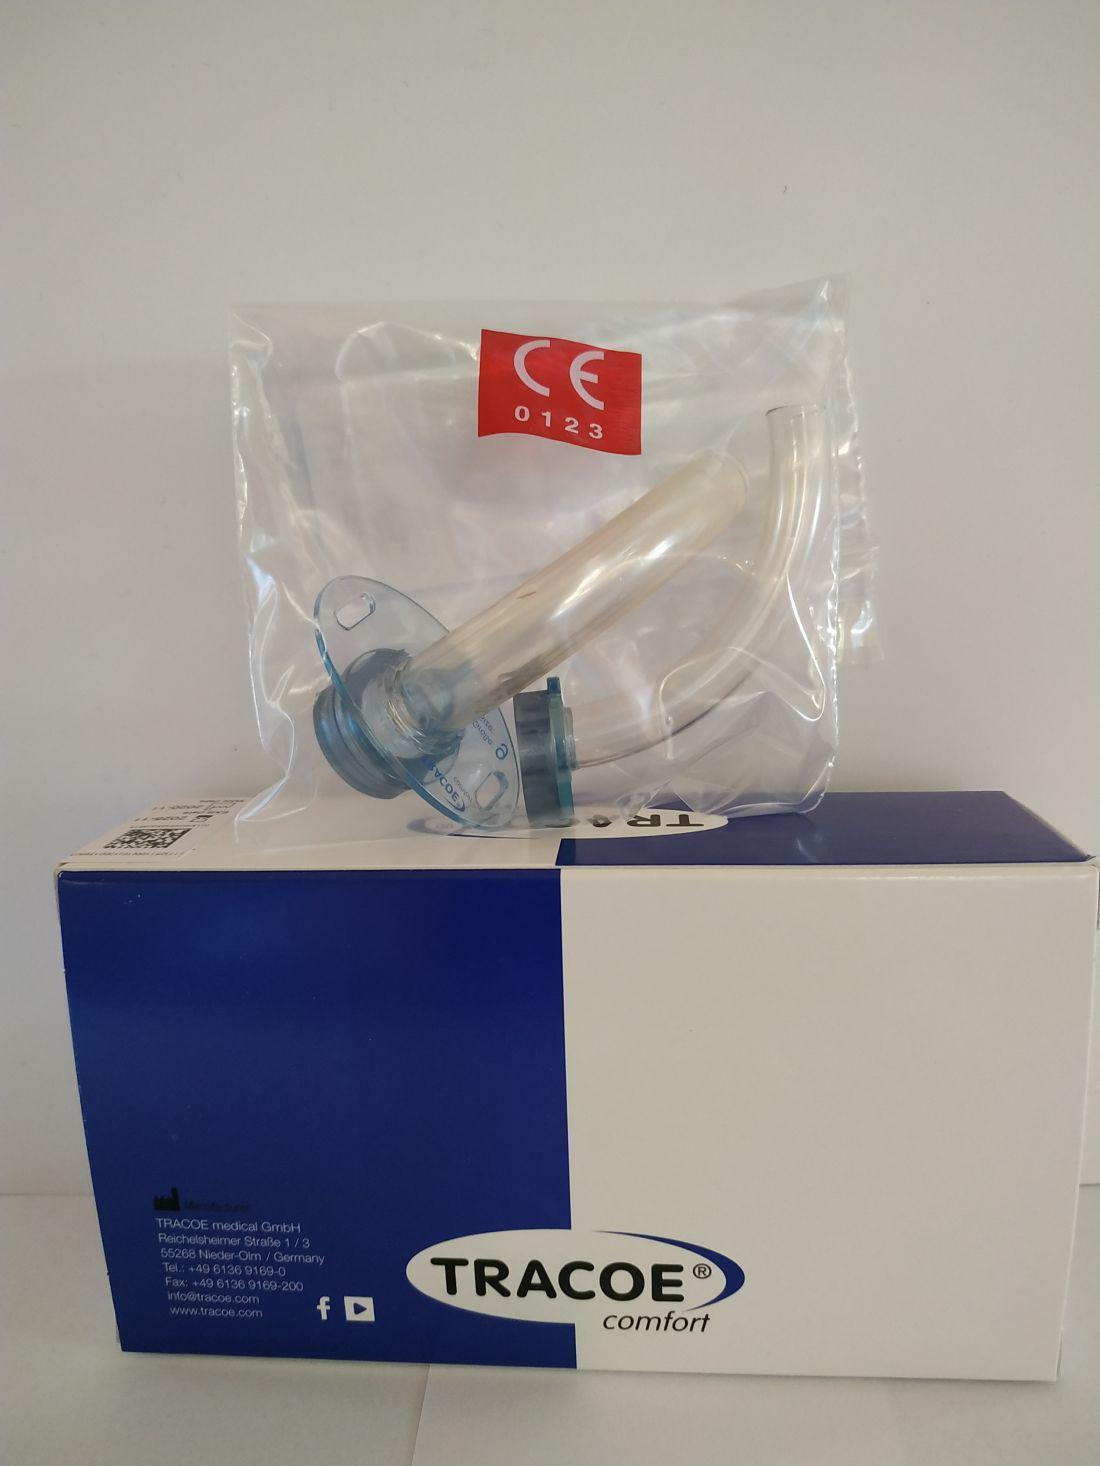 Tracoe 102 D tip. légcsőkanül